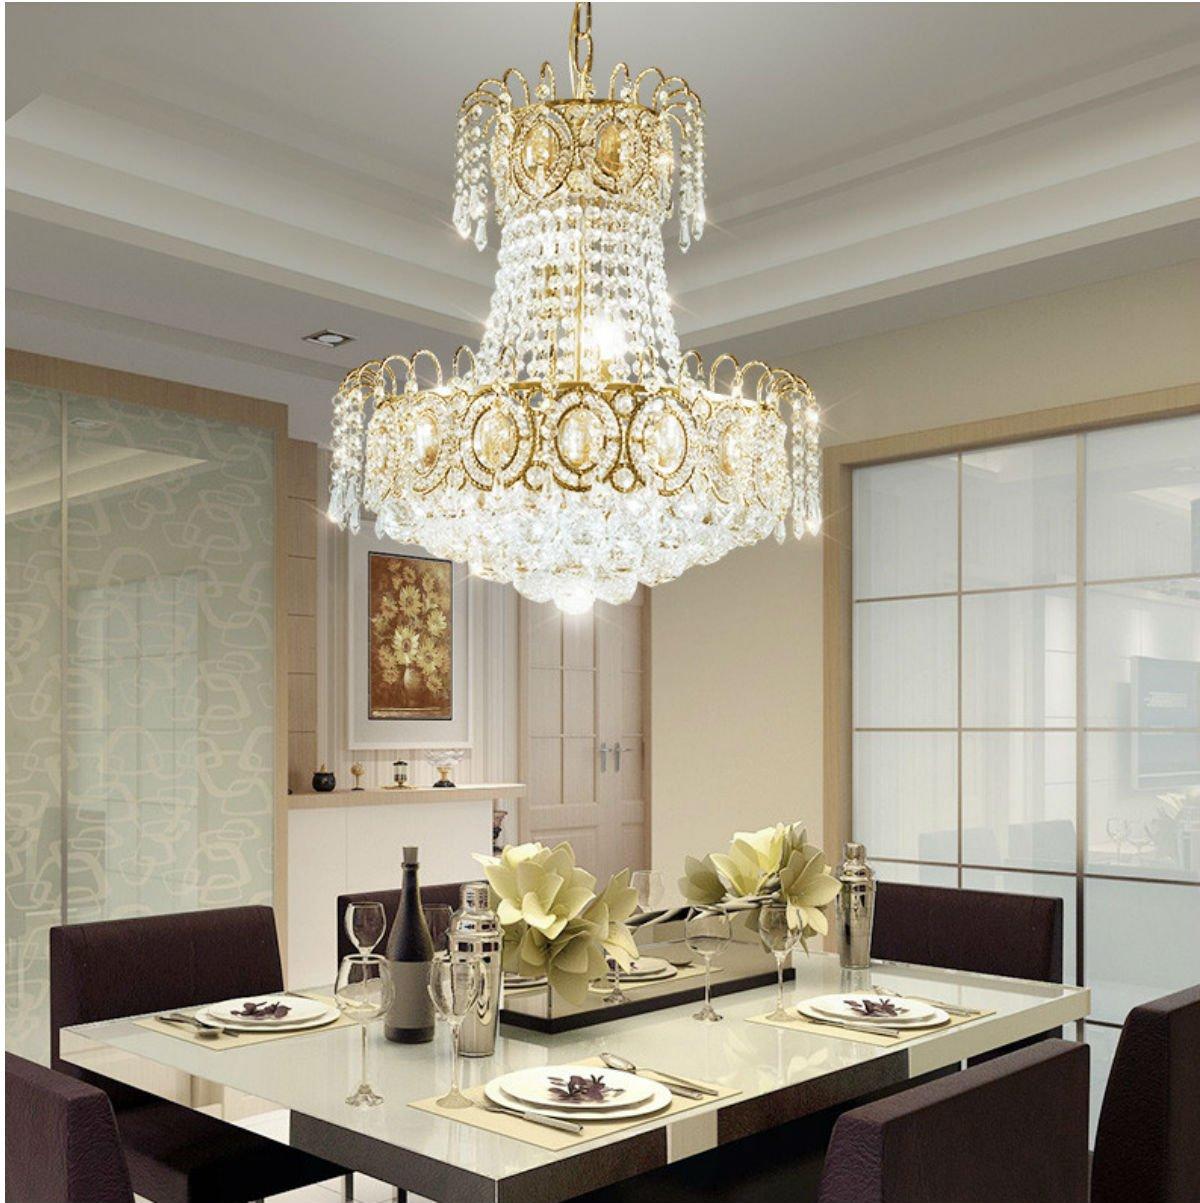 CRAVOG Moderne LED Kronleuchter Gold Kristall Kronleuchter Für Esszimmer  Decke Hängen Lampen Für Hauptdekoration 45 Cm Bestellen